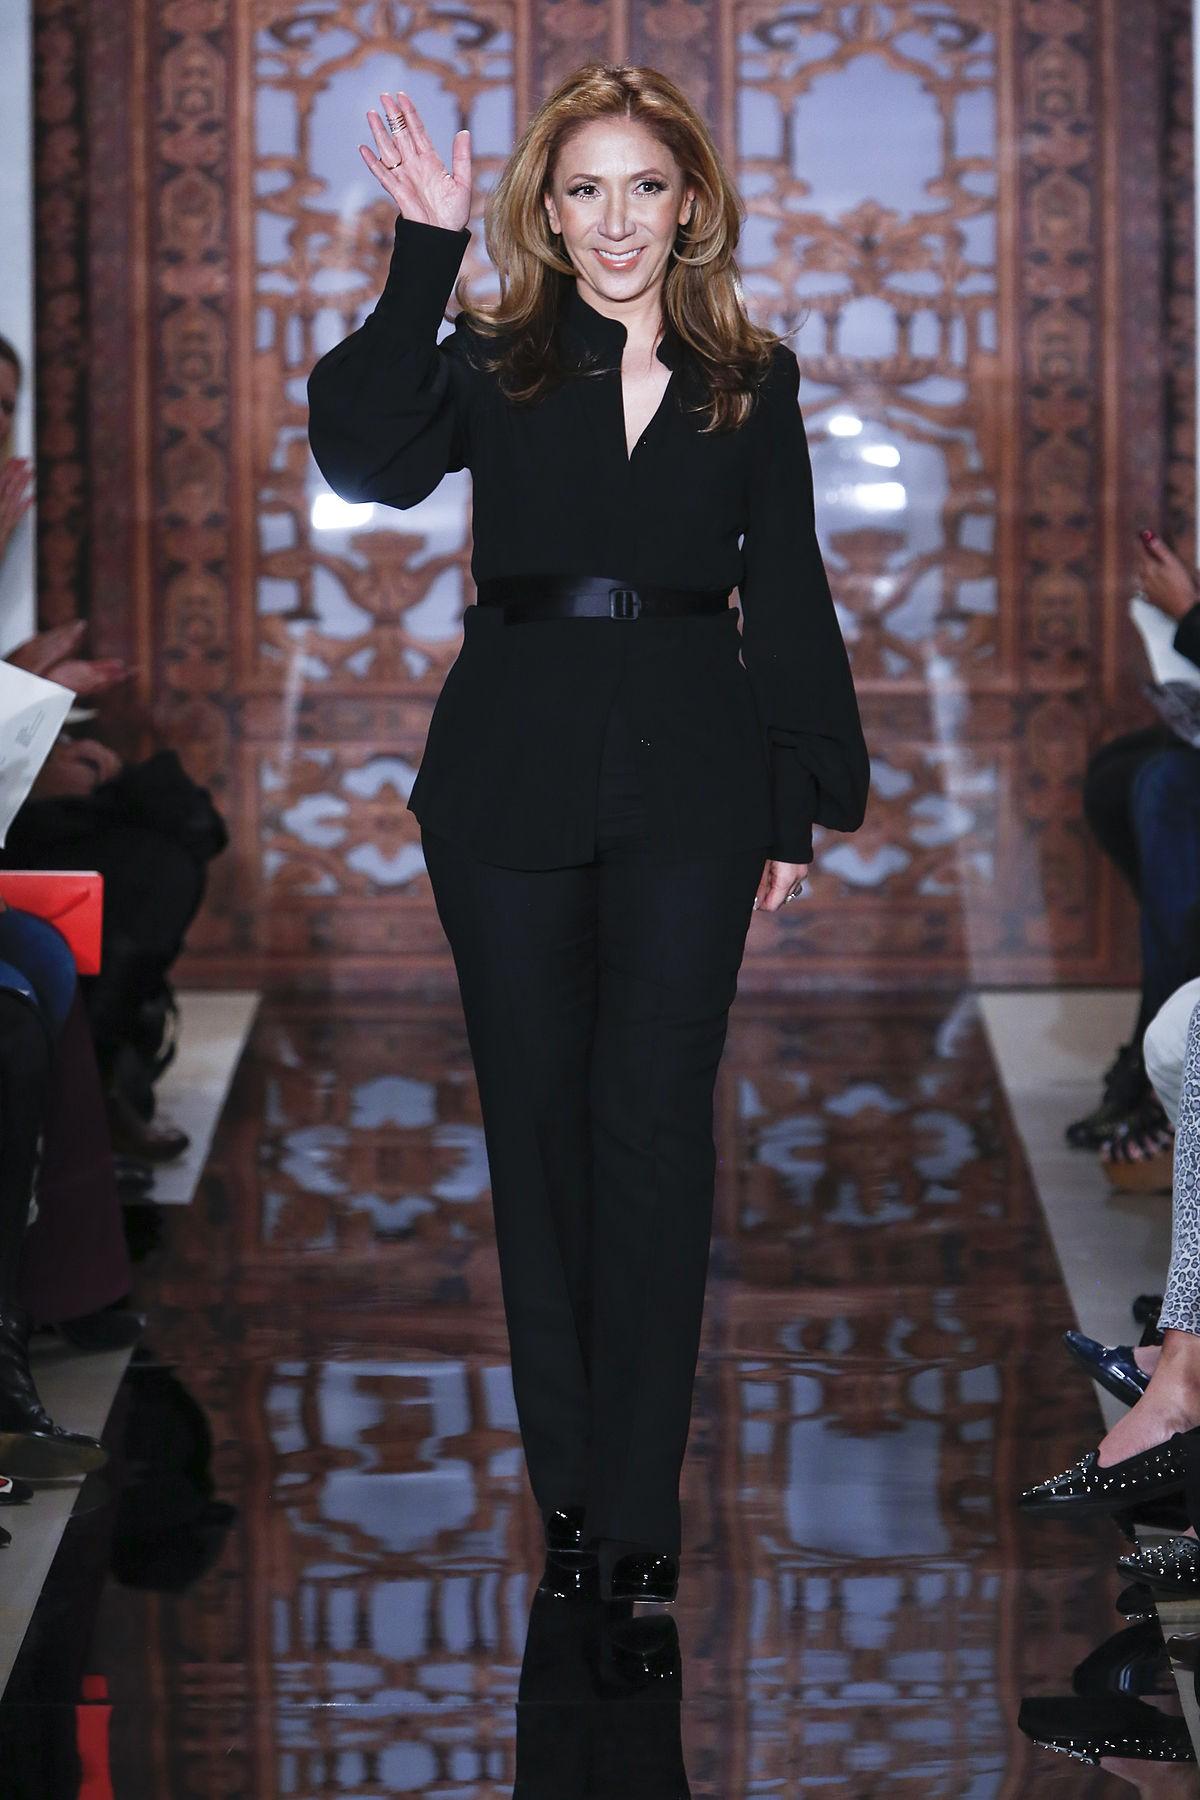 ریم عکره کارش را در سال 1997 با ارائه کلکسیونی زیبا از لباس عروس، آغاز کرد